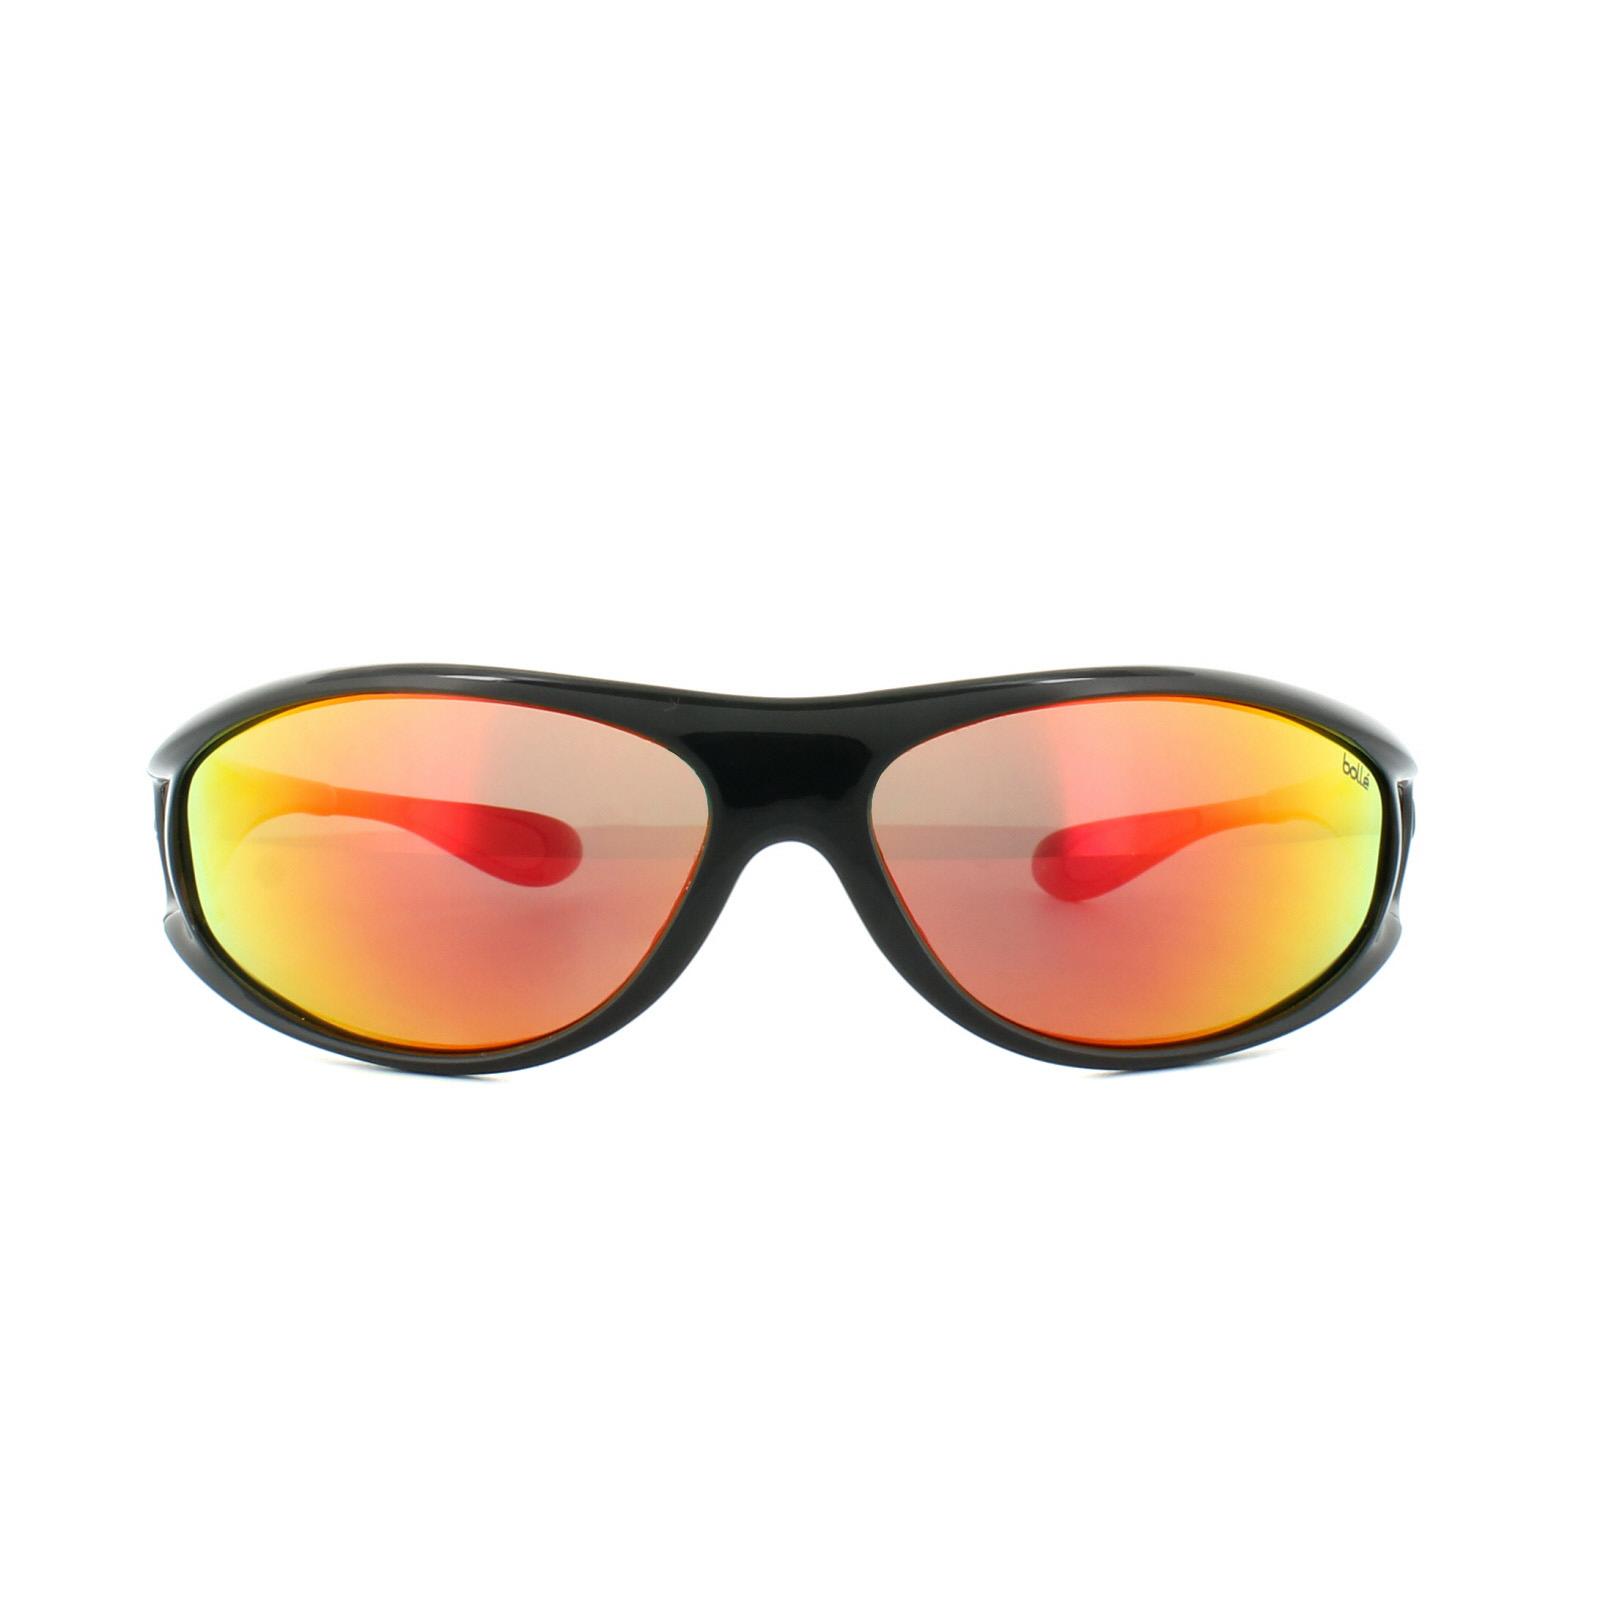 Bolle occhiali da sole spirale 11705 nero brillante rosso - Specchio polarizzato ...